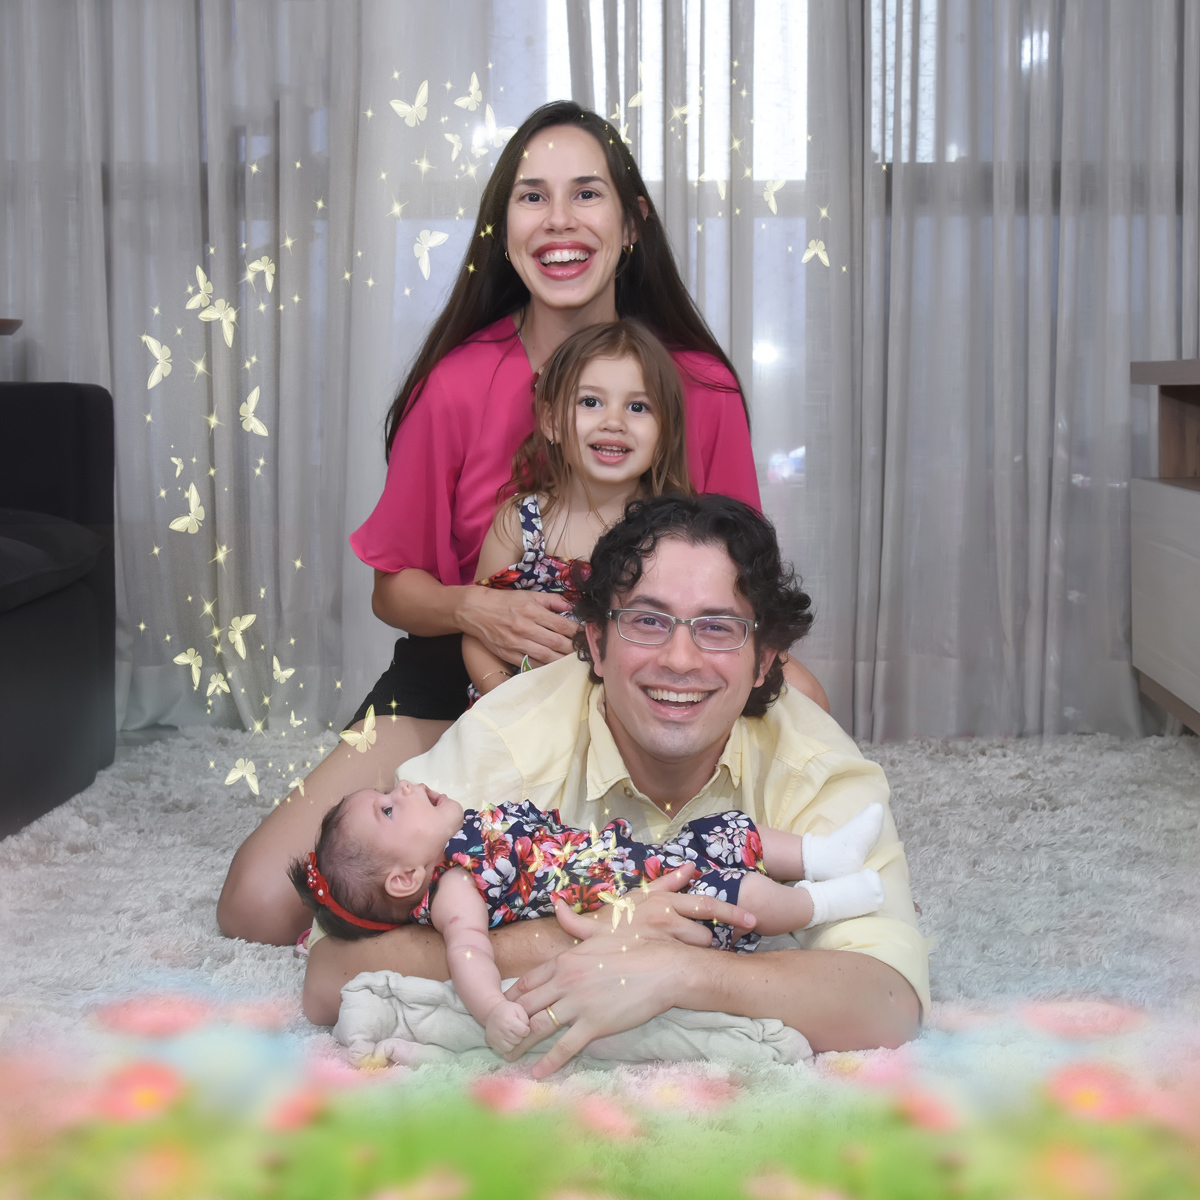 Imagem capa - Dicas criativas para ensaio de família por Raniere W M Pedroza